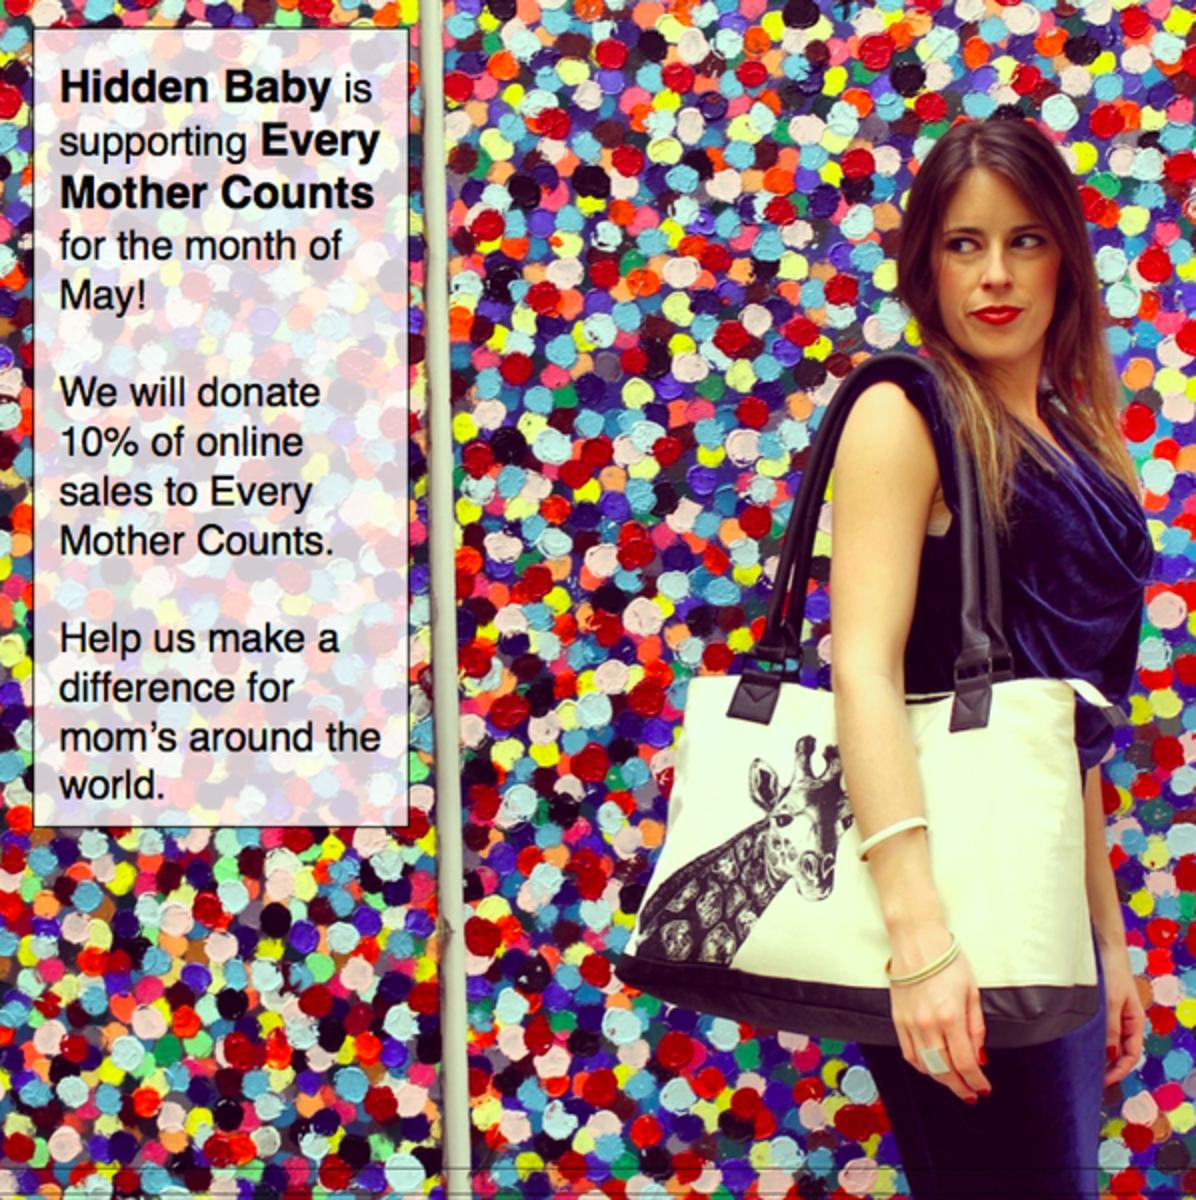 Hidden Baby